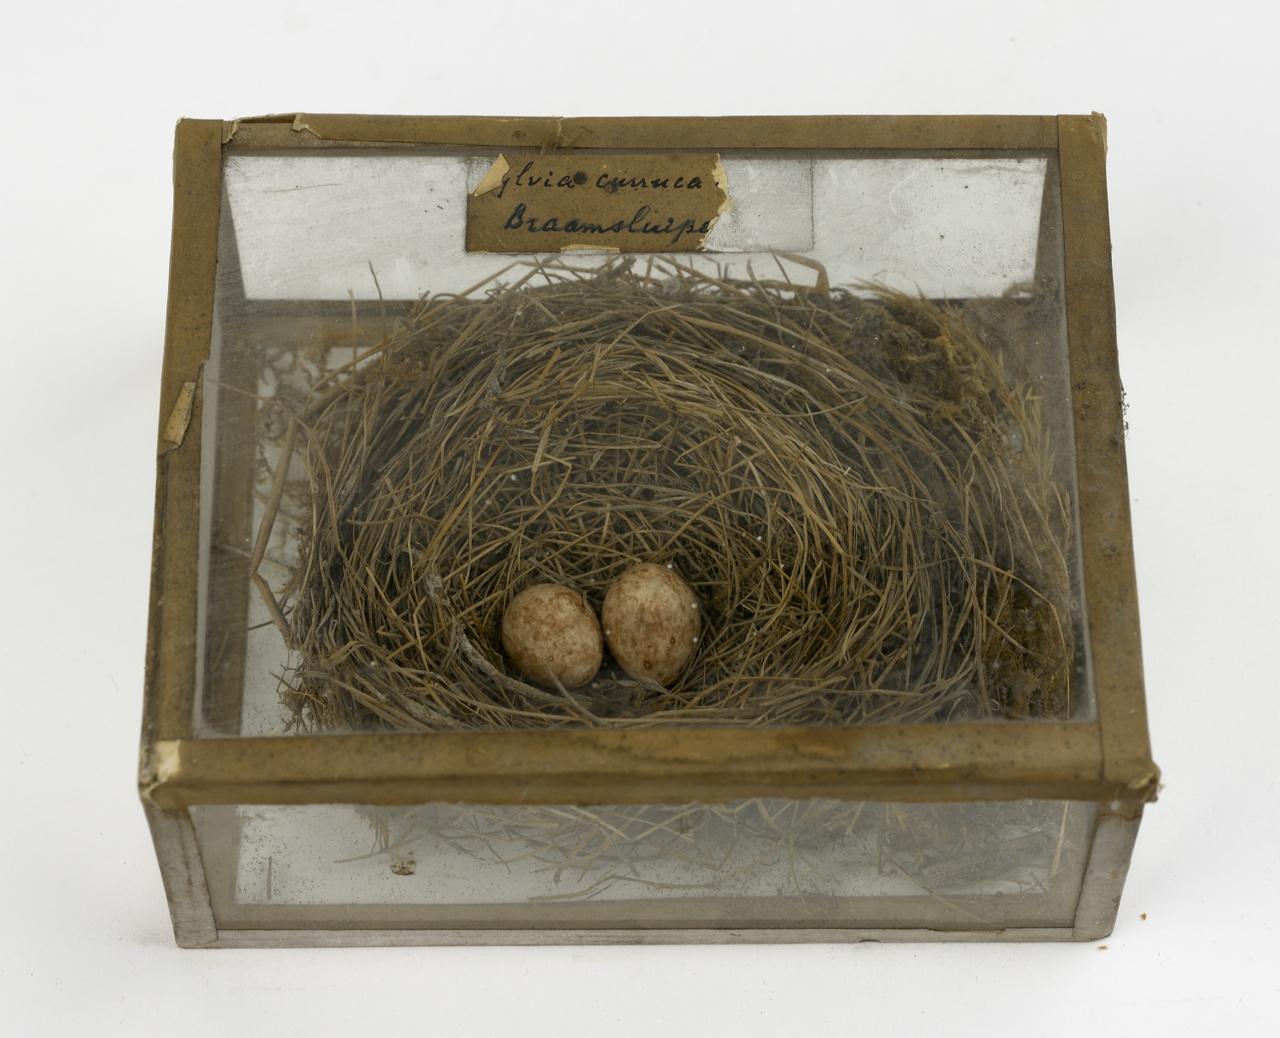 Nest met eieren van braamsluiper